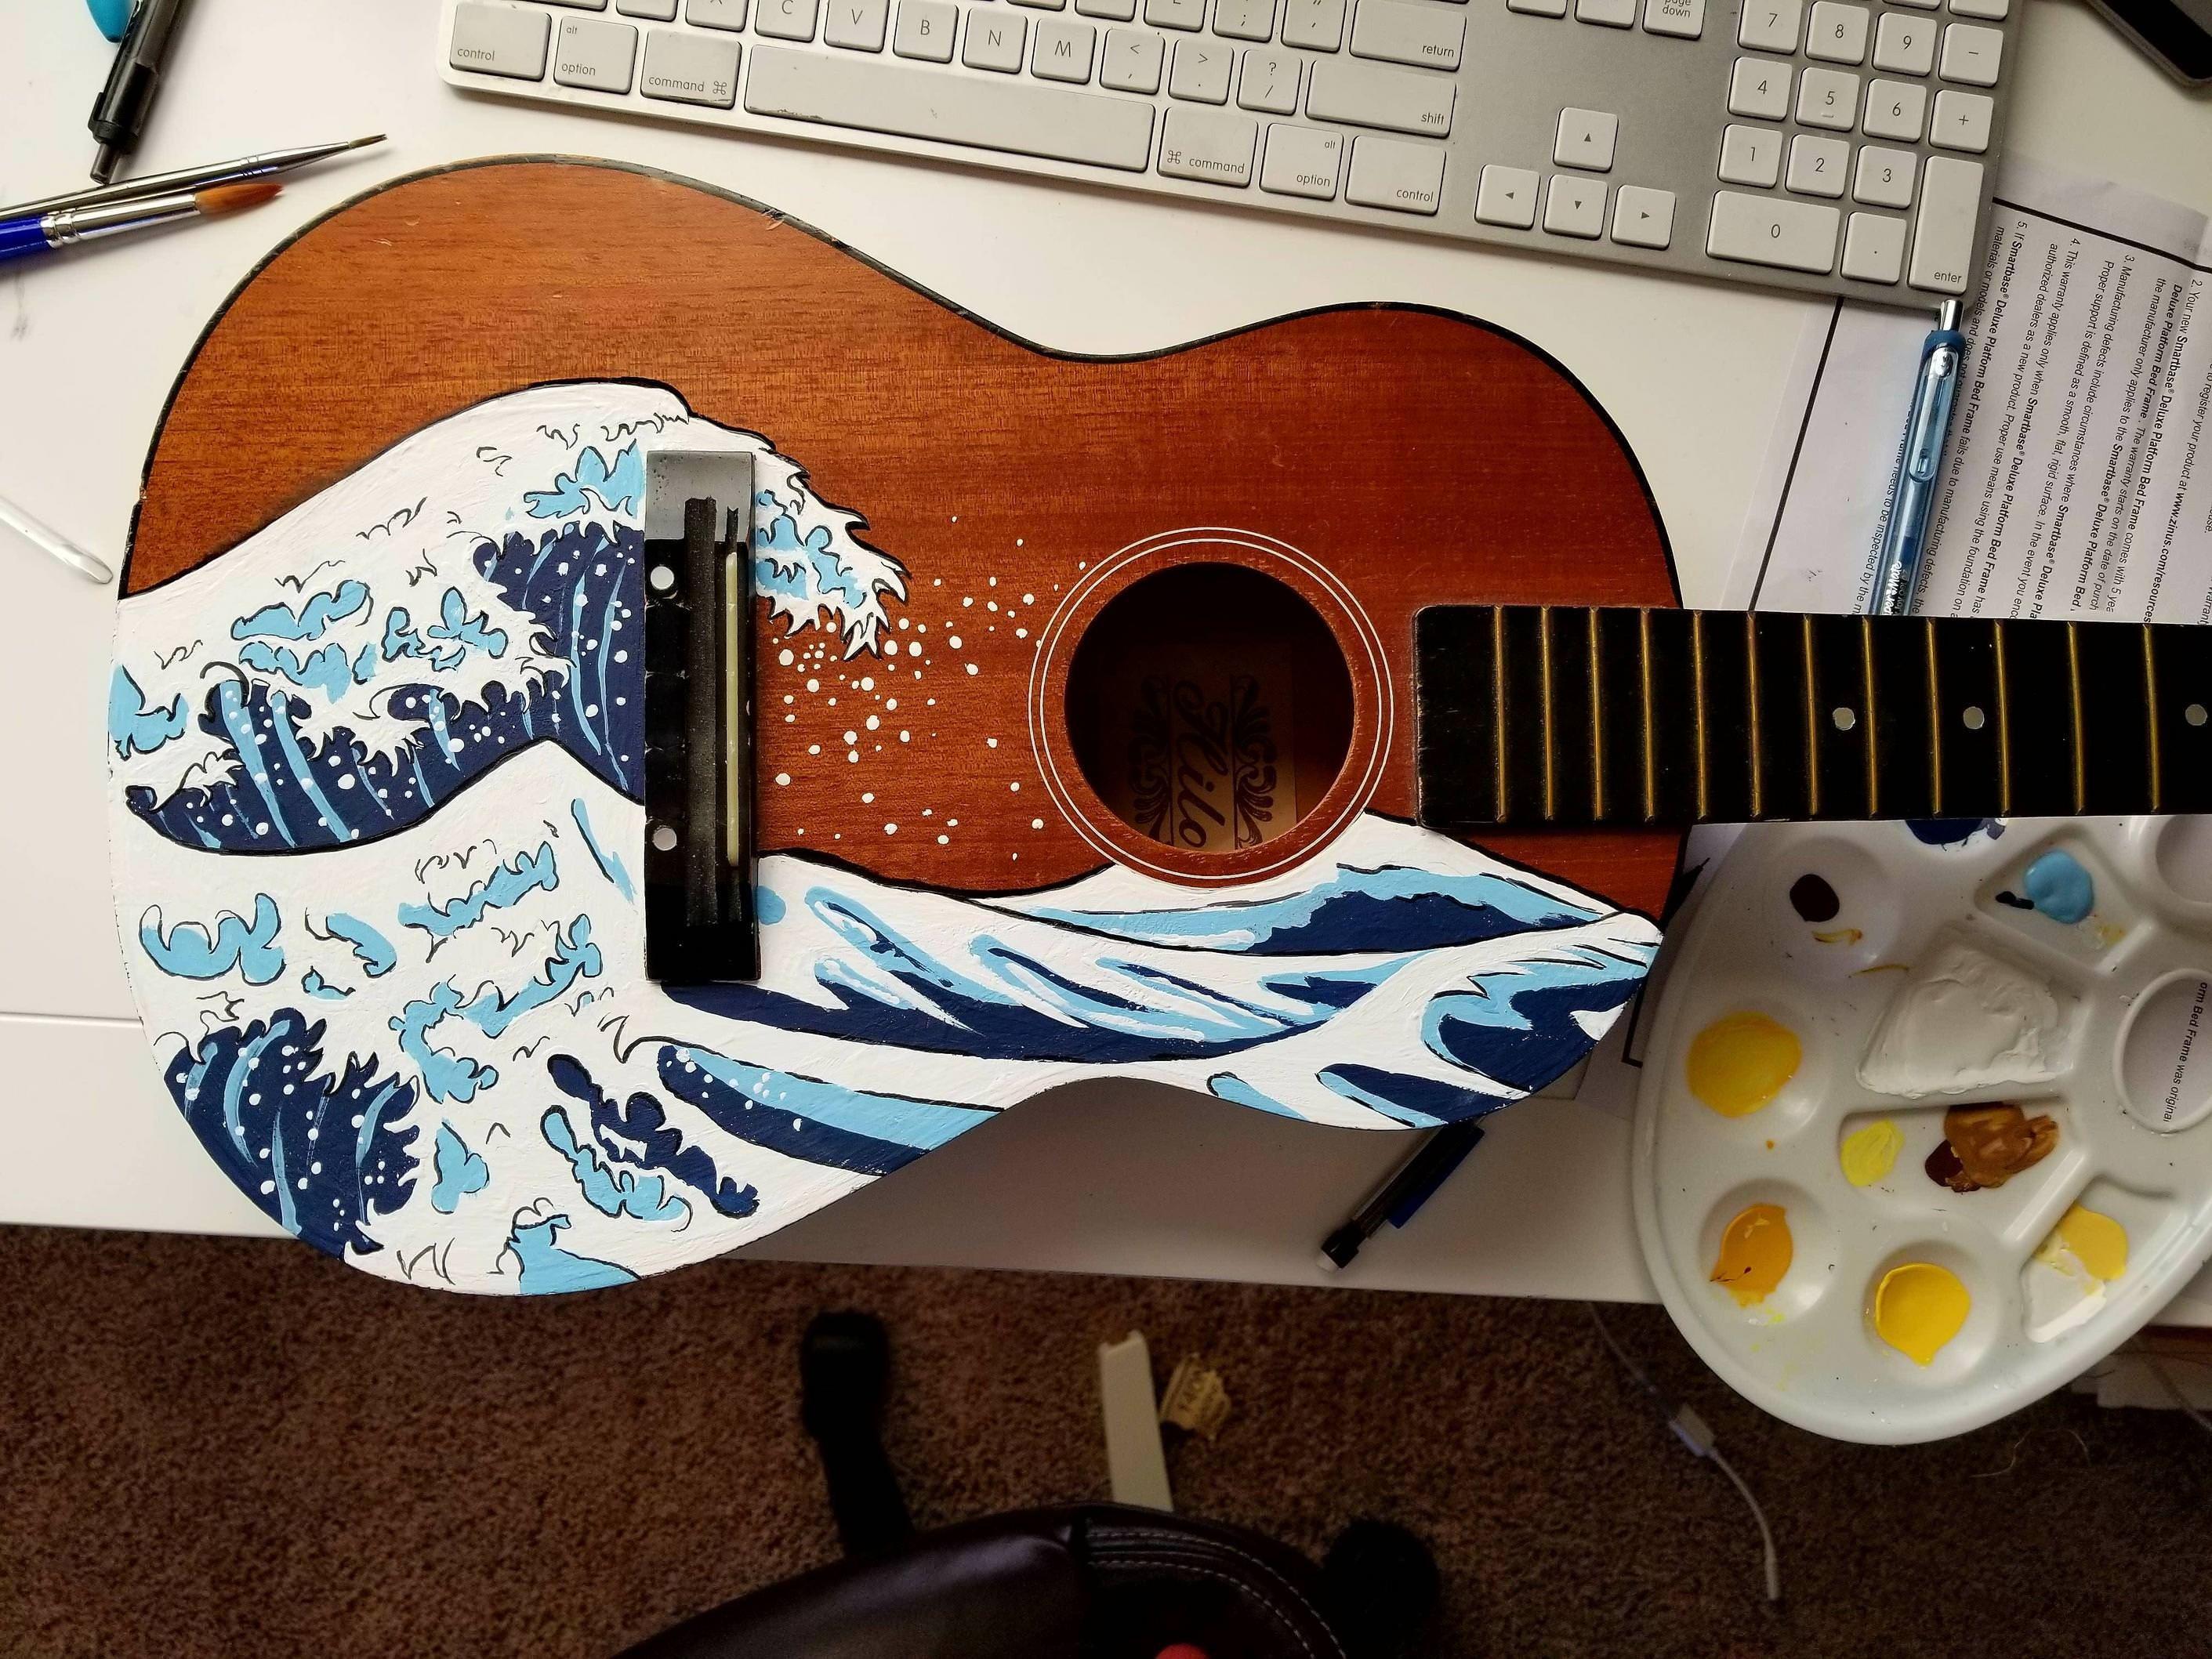 Wave On Ukulele Acrylic 14x10 Http Ift Tt 2ep3xry Ukulele Art Guitar Art Painting Painted Ukulele